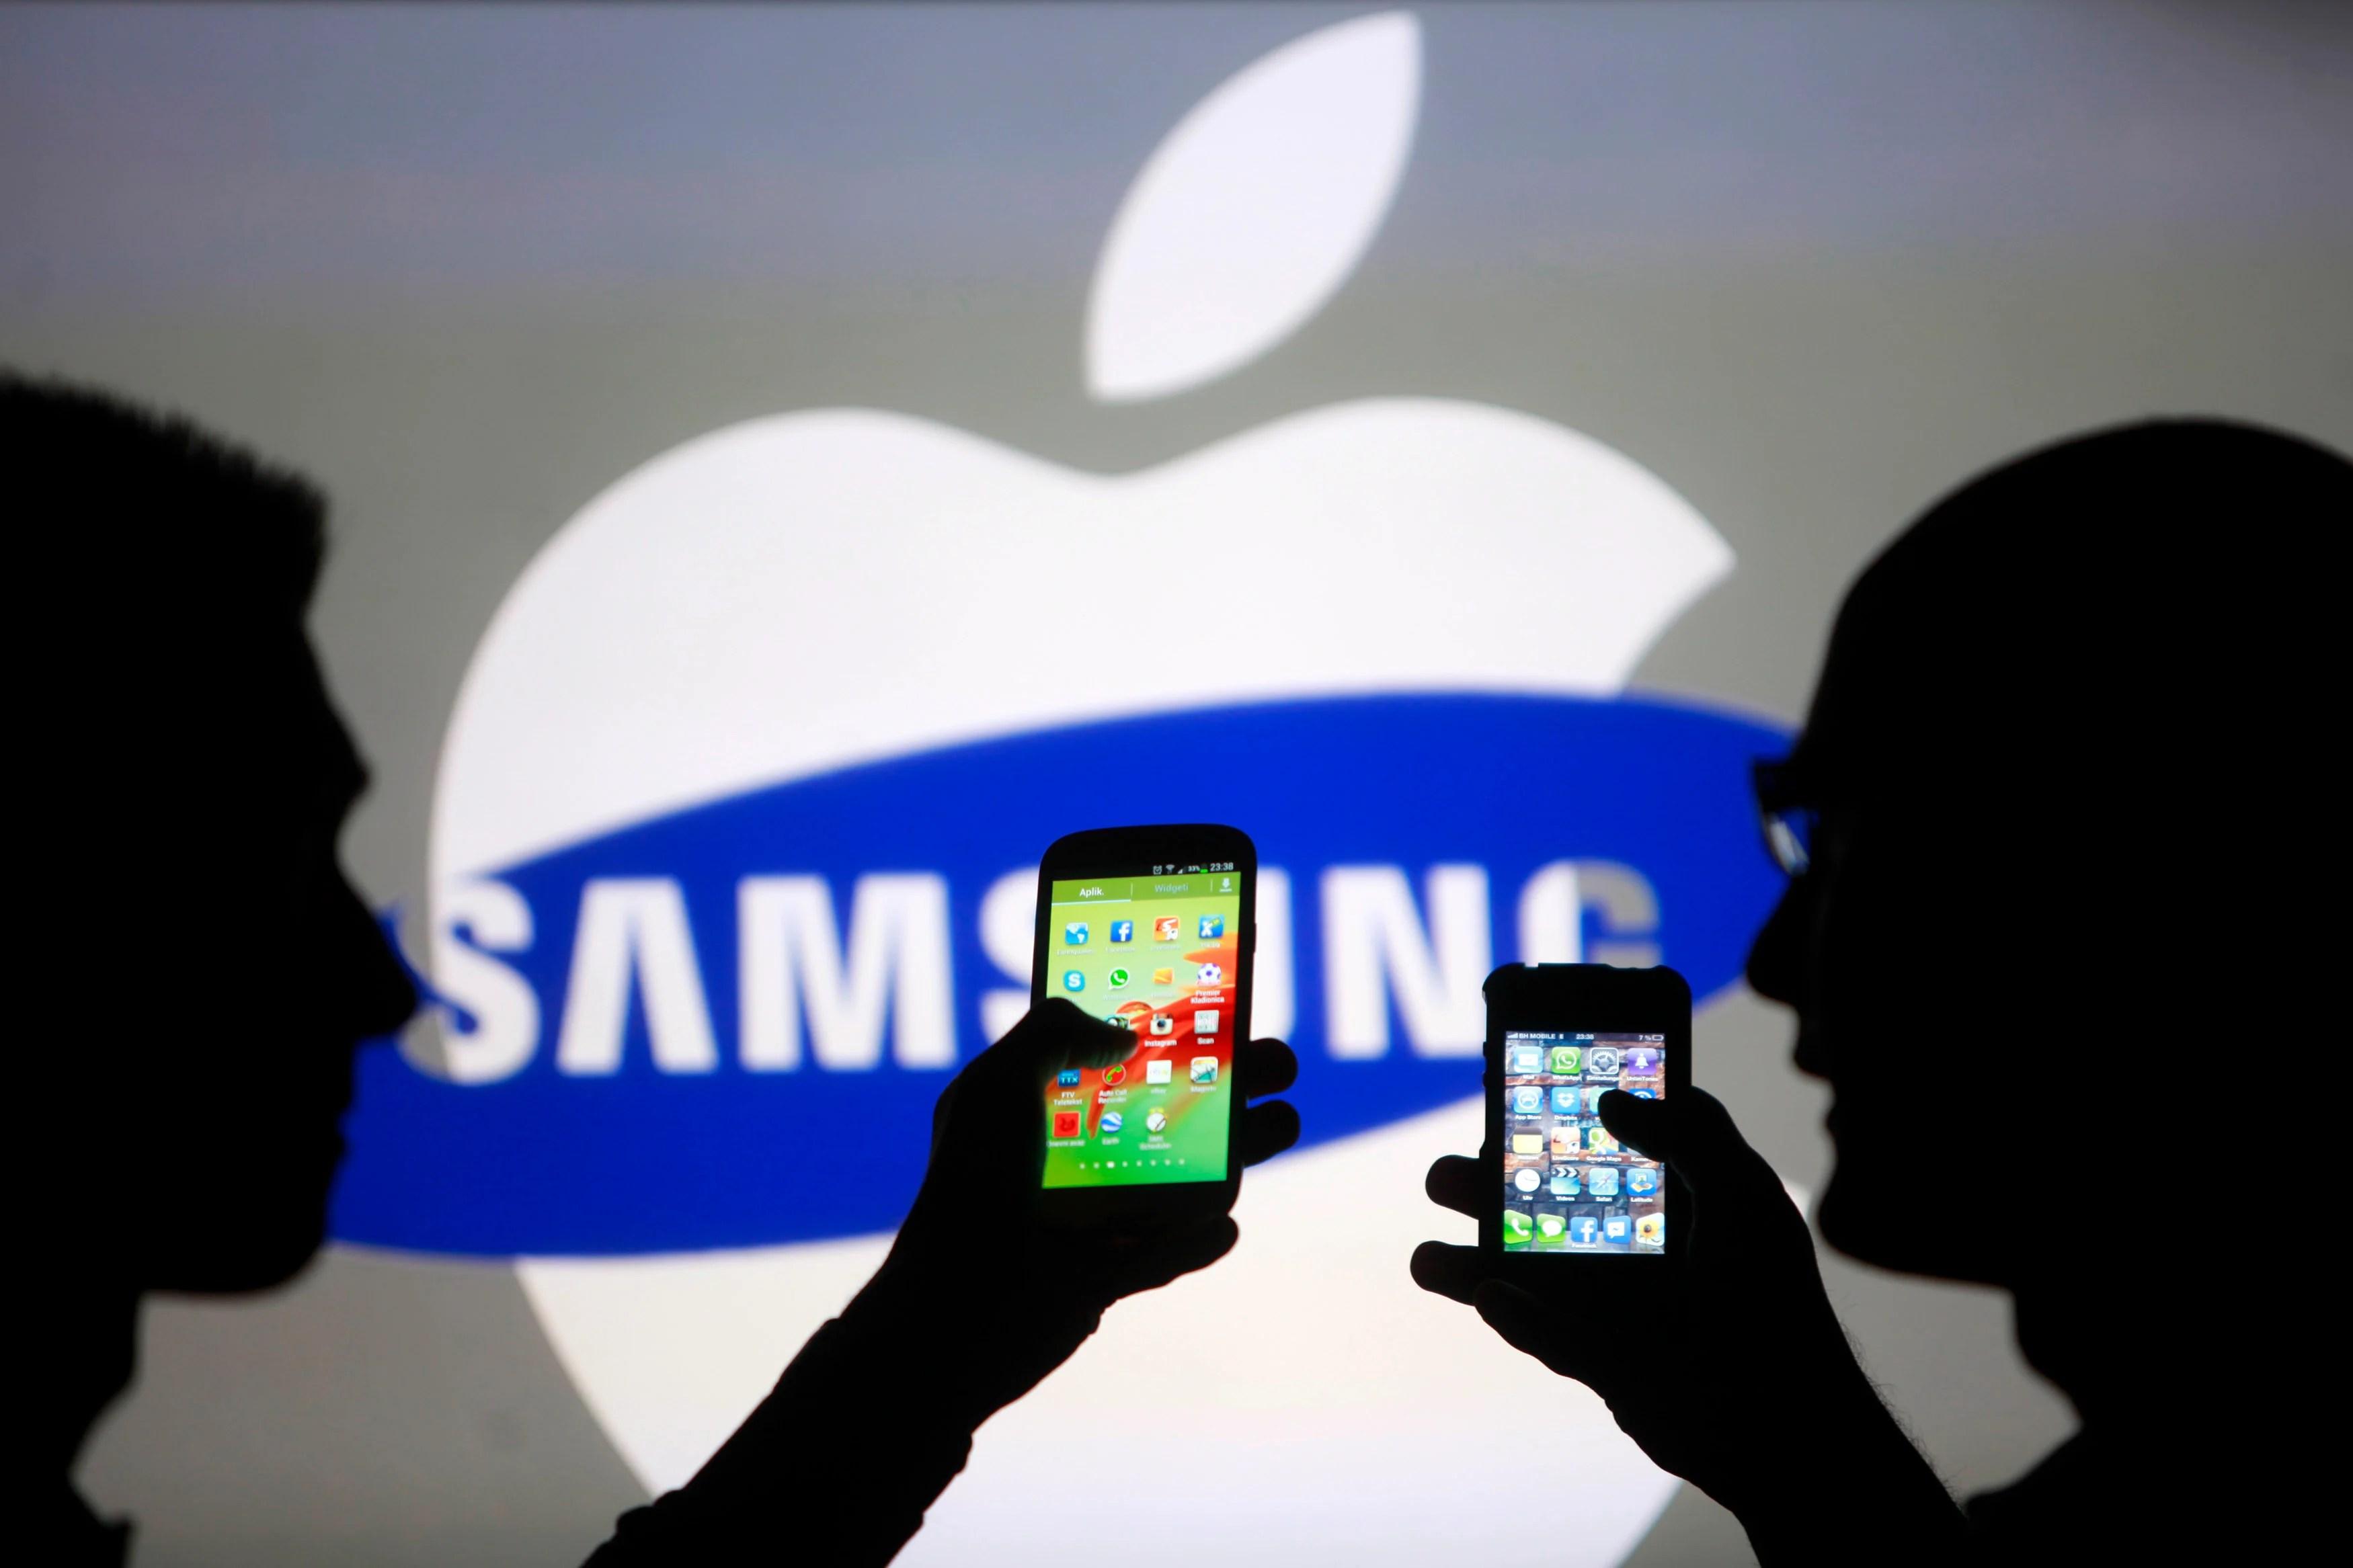 Samsung fait de gros bénéfices, mais reste derrière Apple au premier trimestre 2017